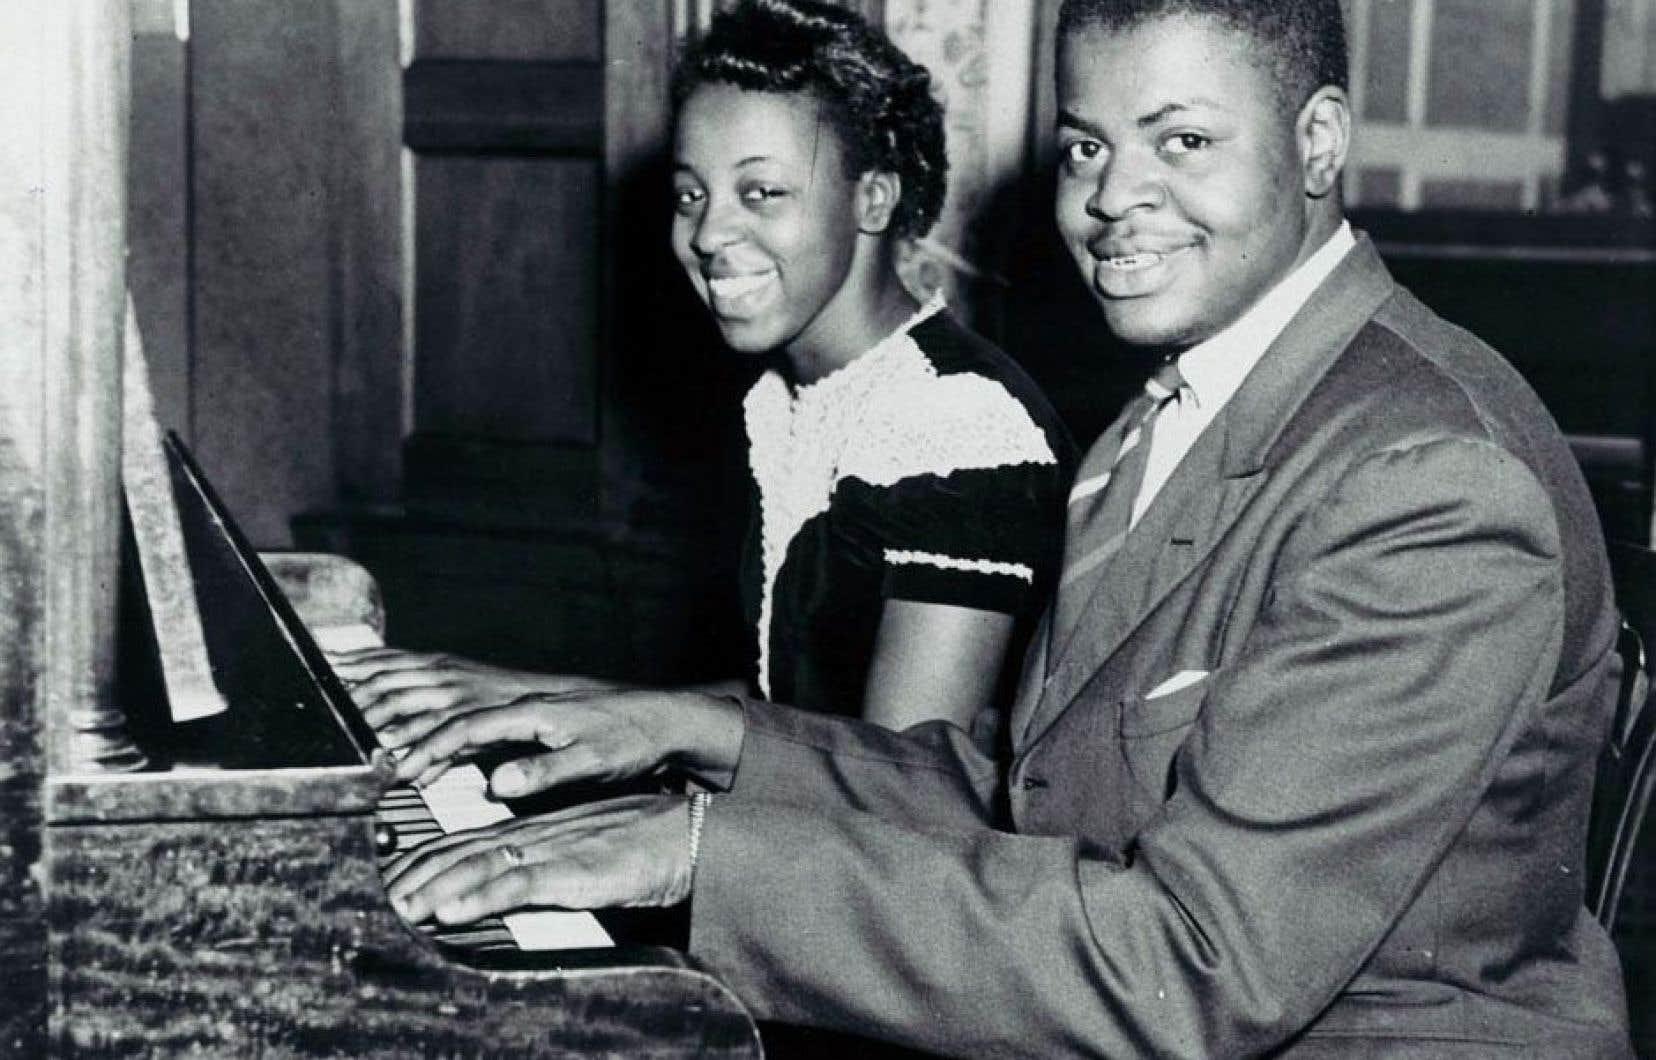 Sœur et frère, Daisy et Oscar Peterson dans les années 1940